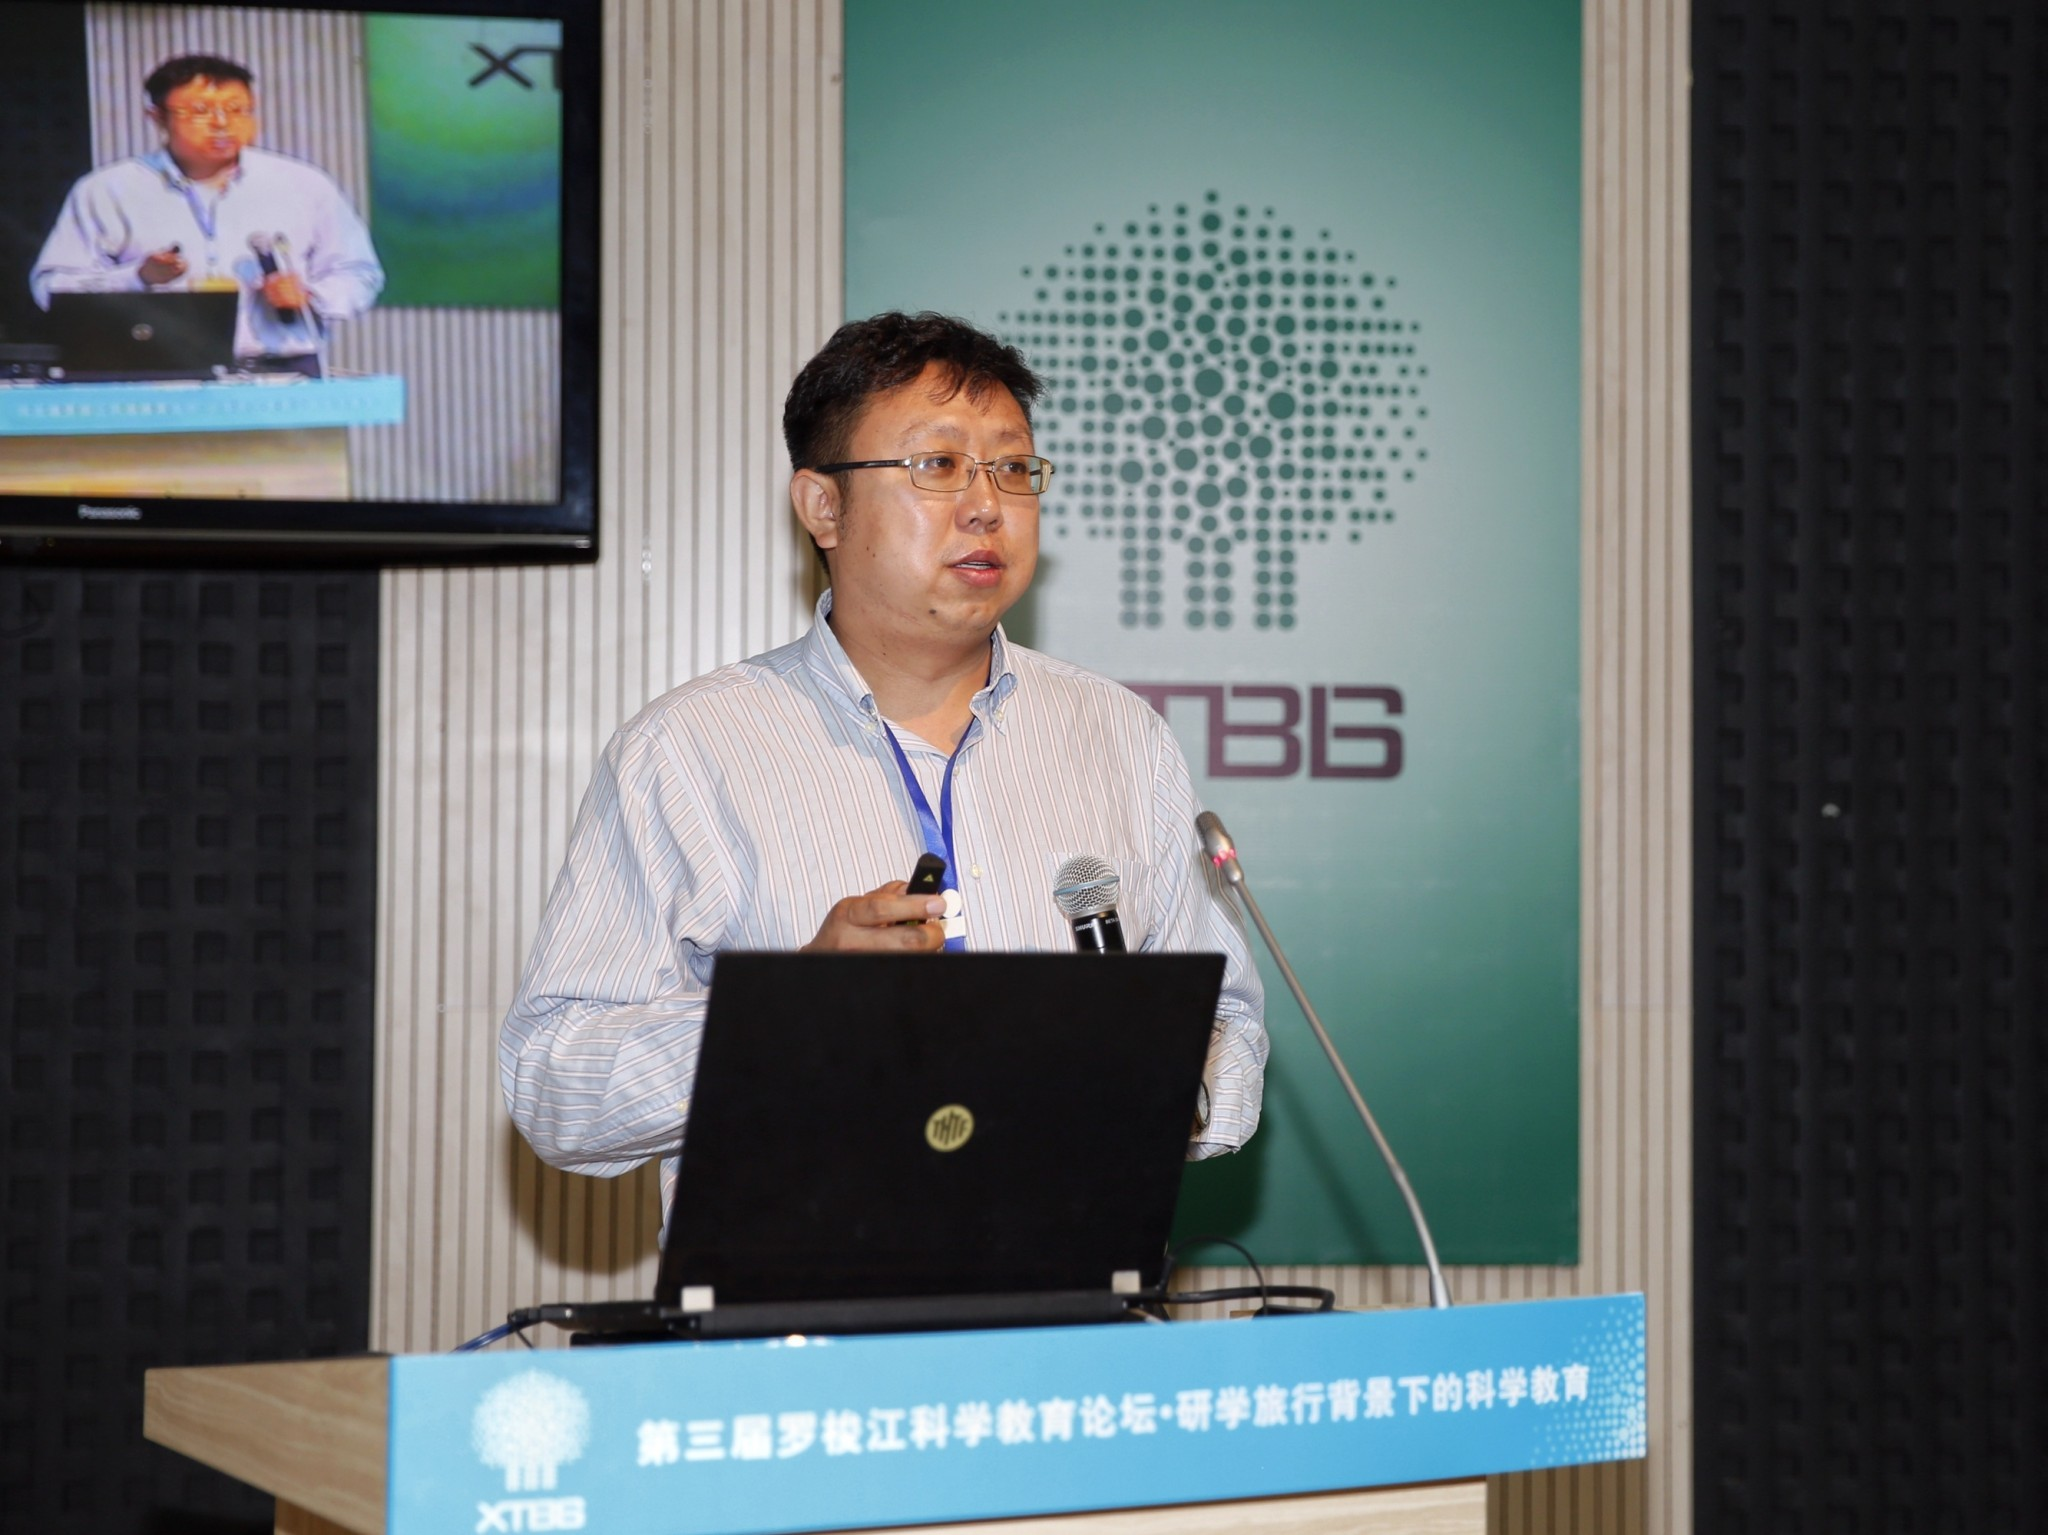 【专题报告】北京微创博志教育科技有限公司创始人兼CEO 王虎纹:科学教育的实践与反思